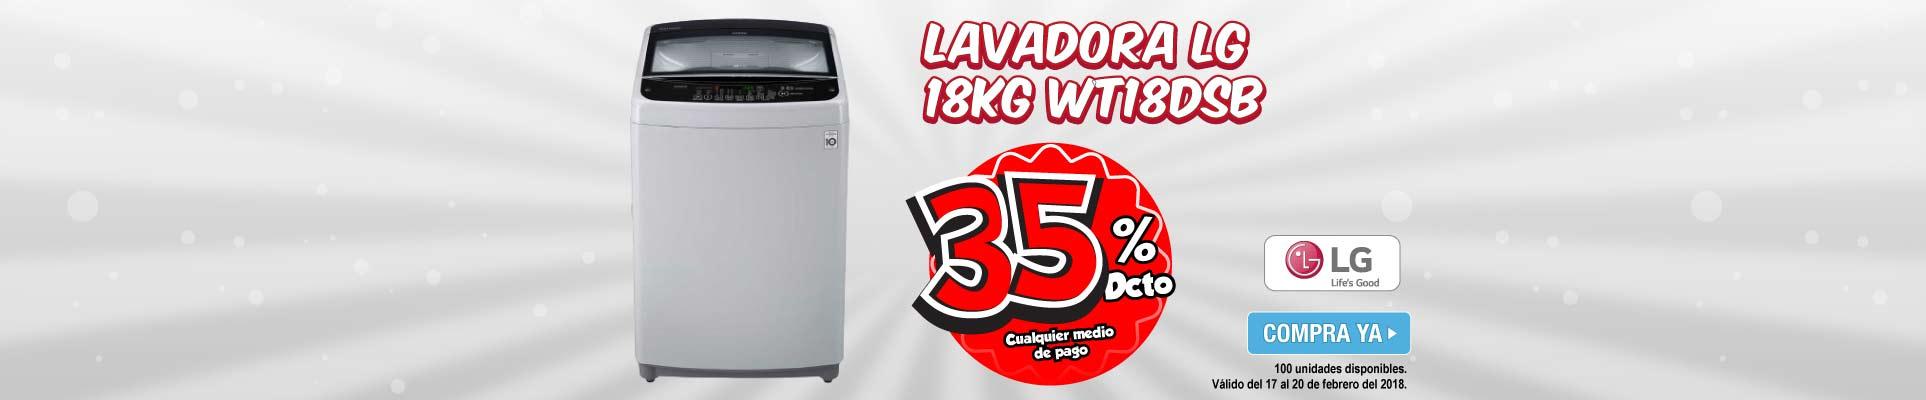 PPAL ALKP-4-LB-Lavadora LG 18Kg WT18DSB-prod-febrero17-20